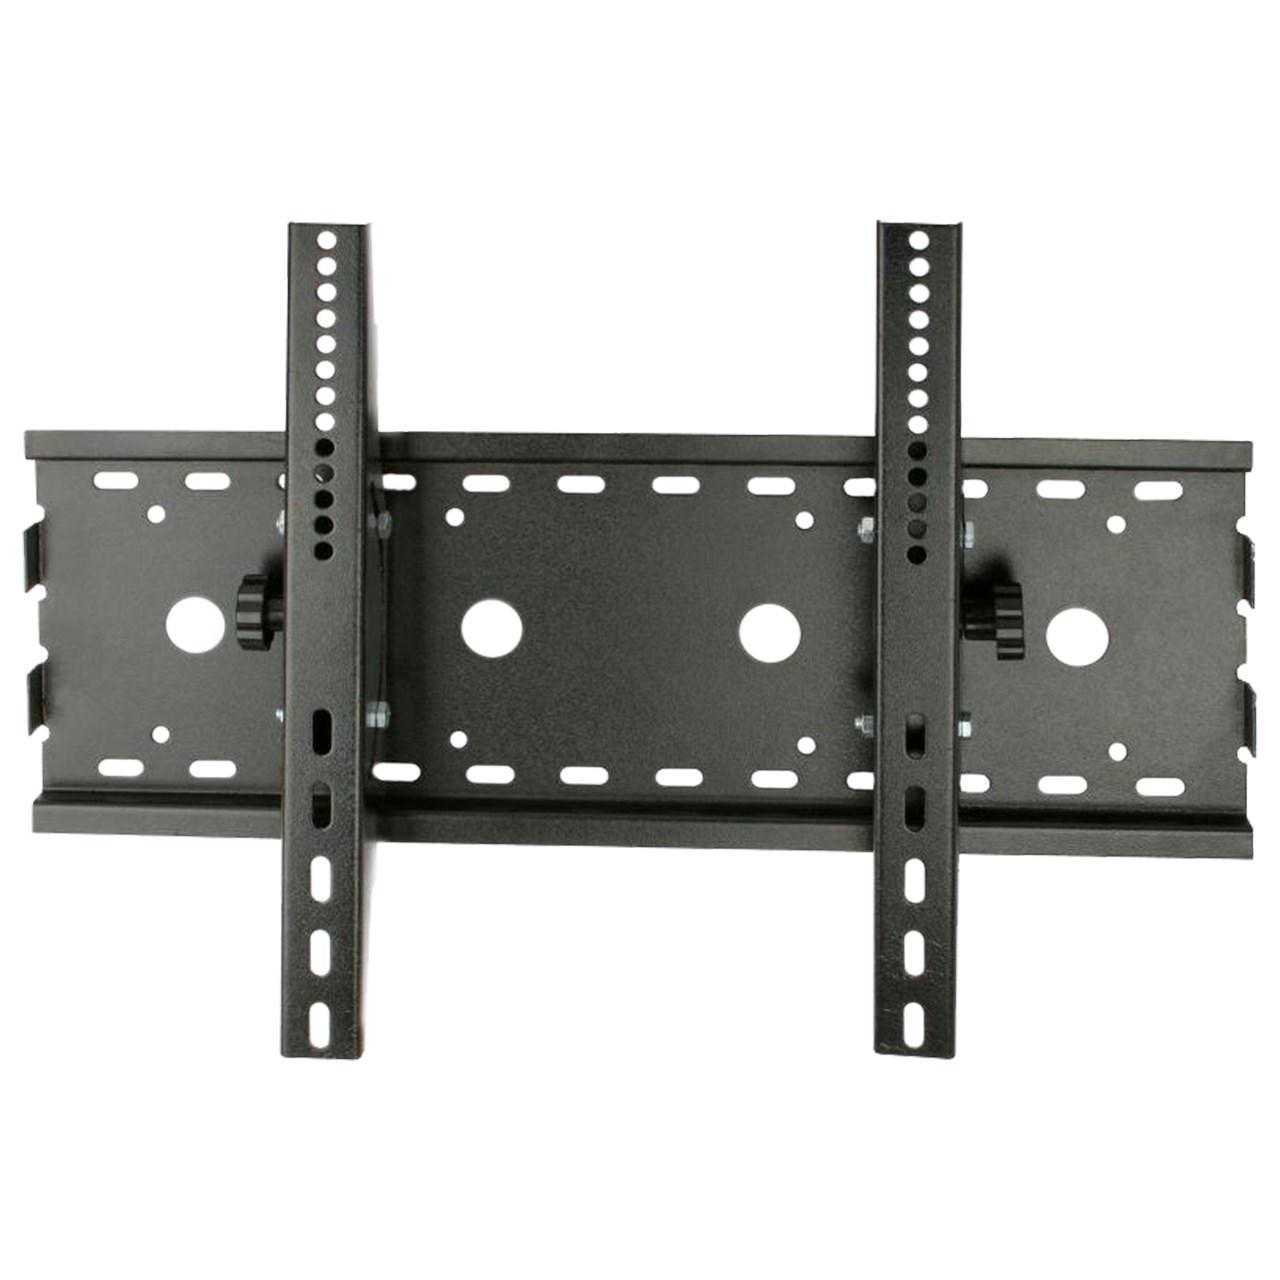 پایه دیواری نکست مدل BN-D70  مناسب برای تلویزیون های 42 تا 65 اینچی